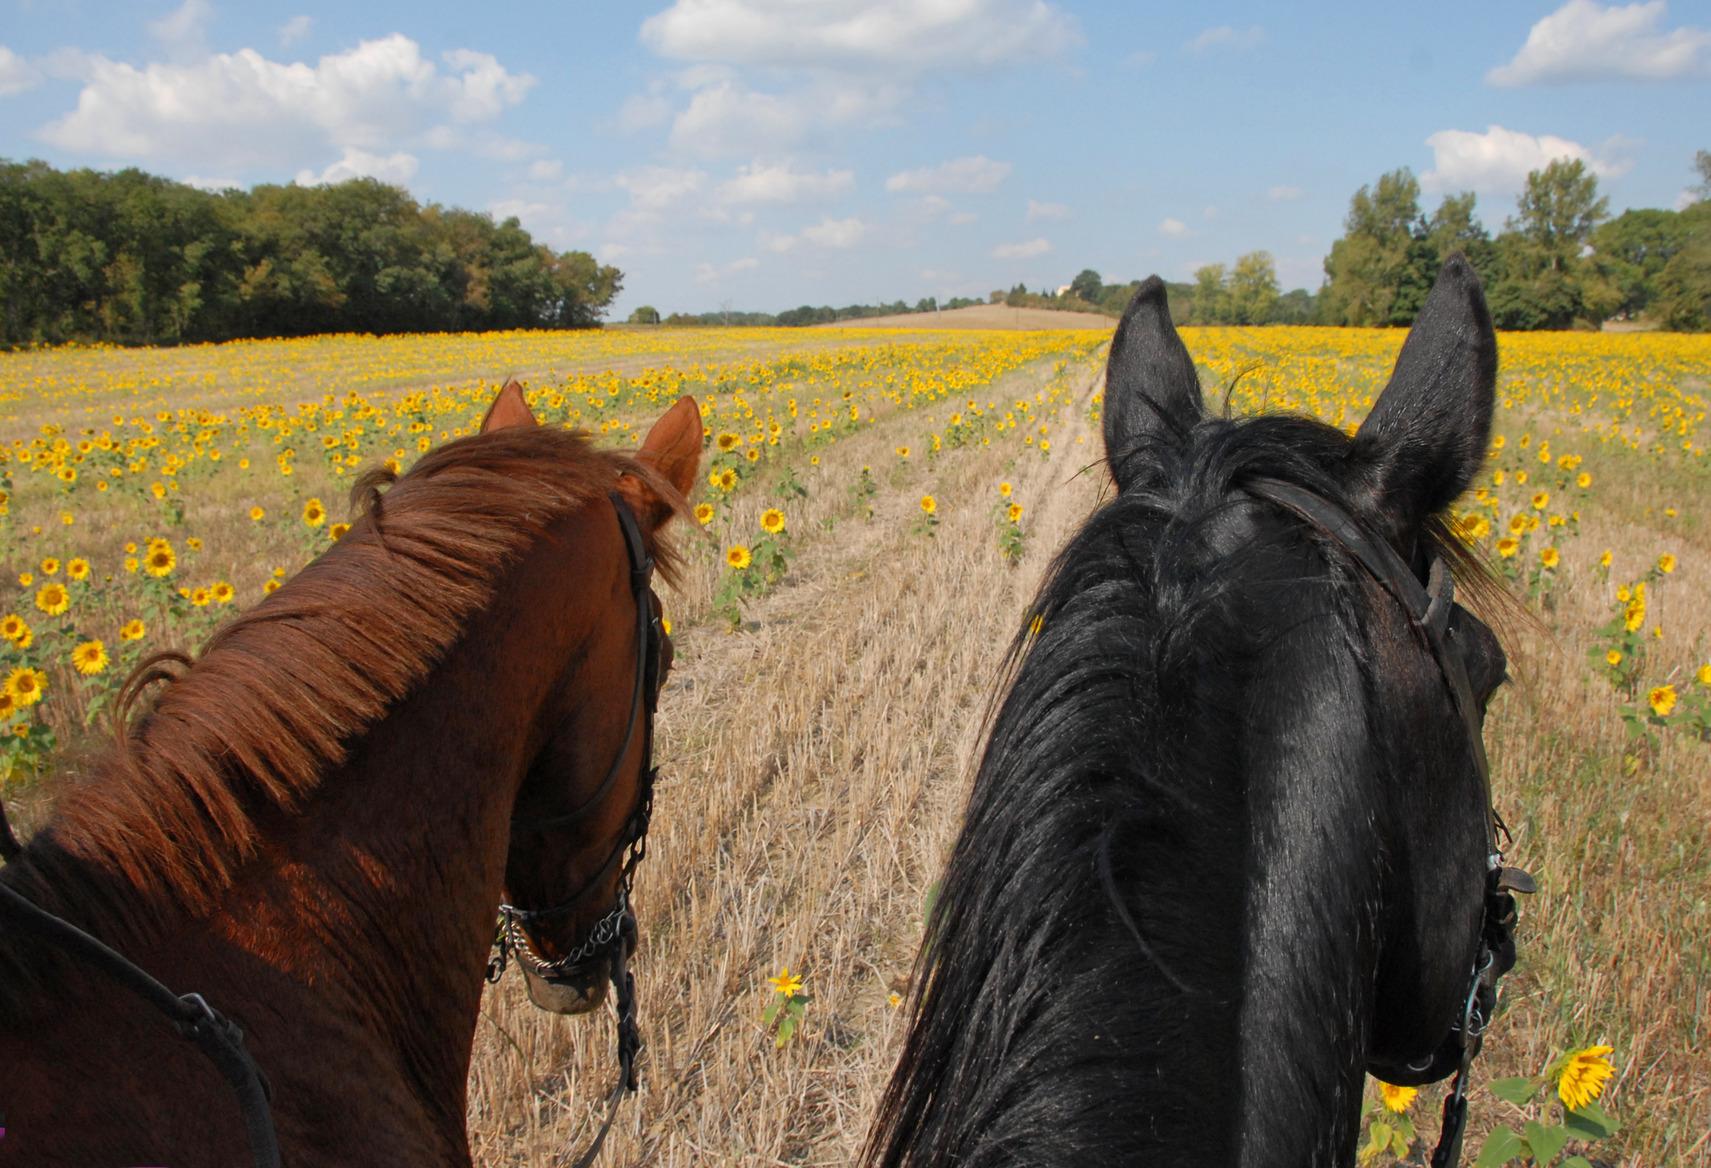 photodune-1145166-horseback-riding-in-the-sunflowers-m